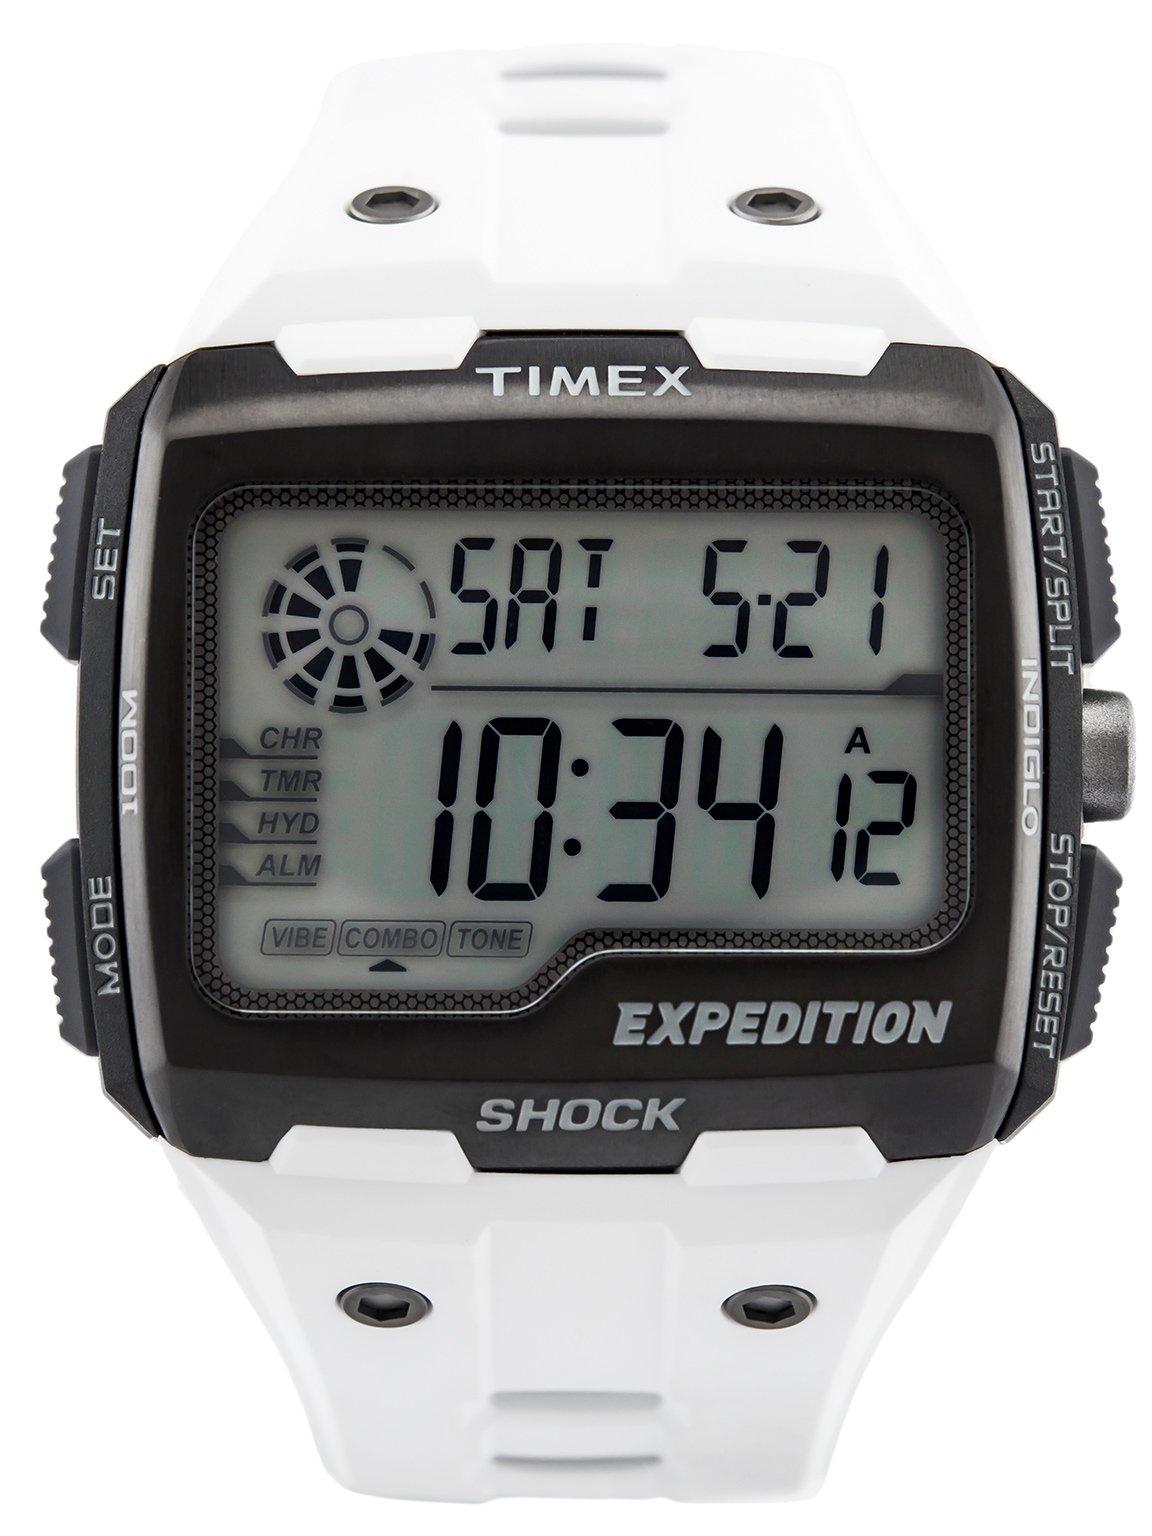 b1302fb1a7c75 Zegarek męski TIMEX TW4B04000 297,00 zł cena tanio najtaniej opinie ...